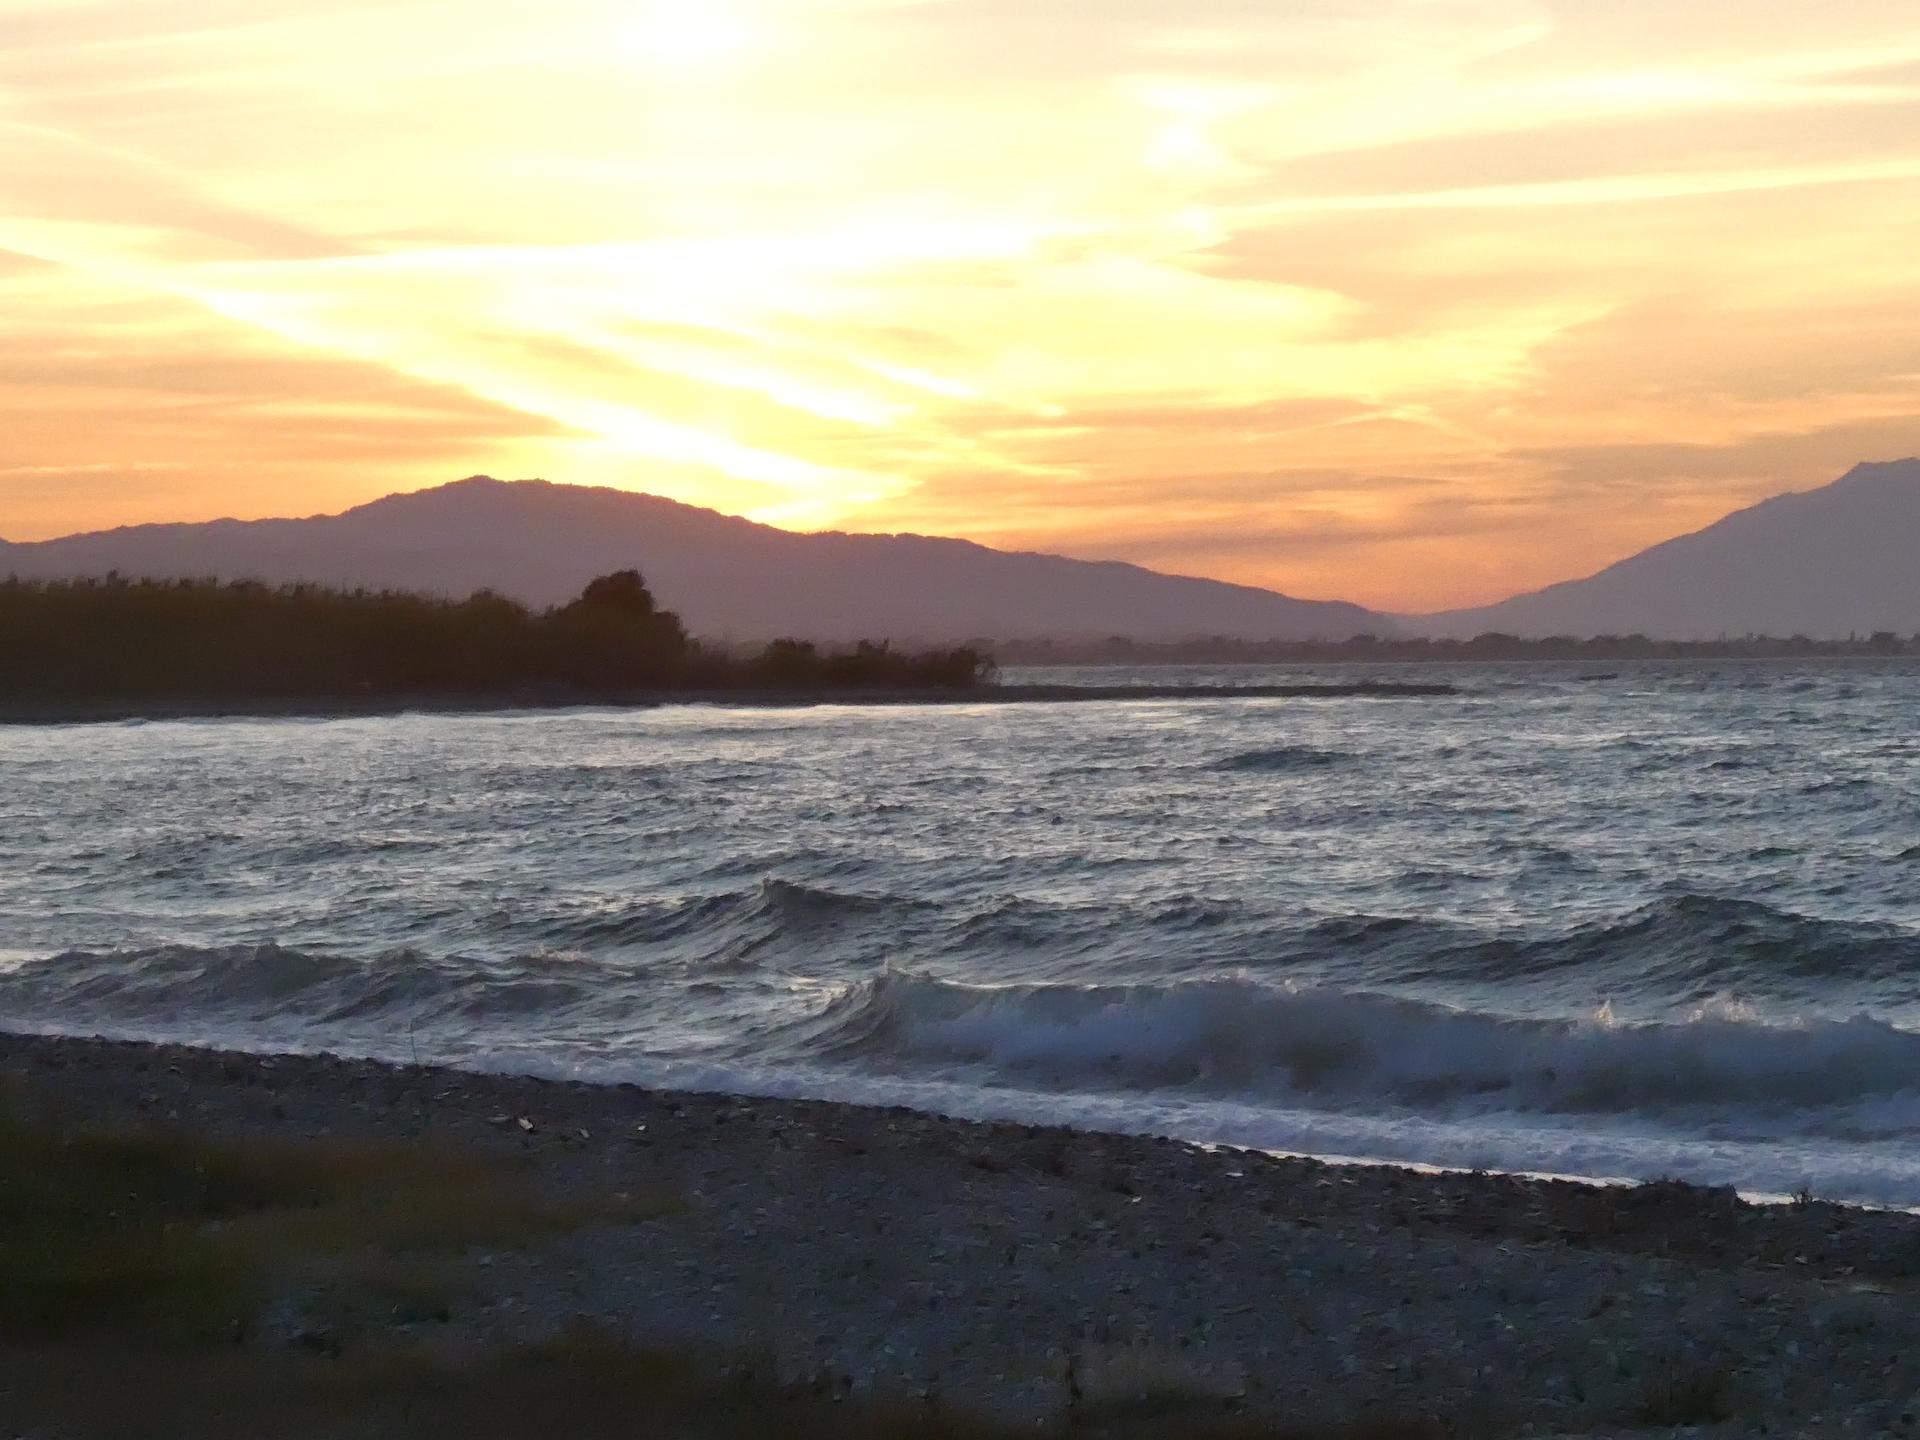 ... mit einem tollen Sonnenuntergang